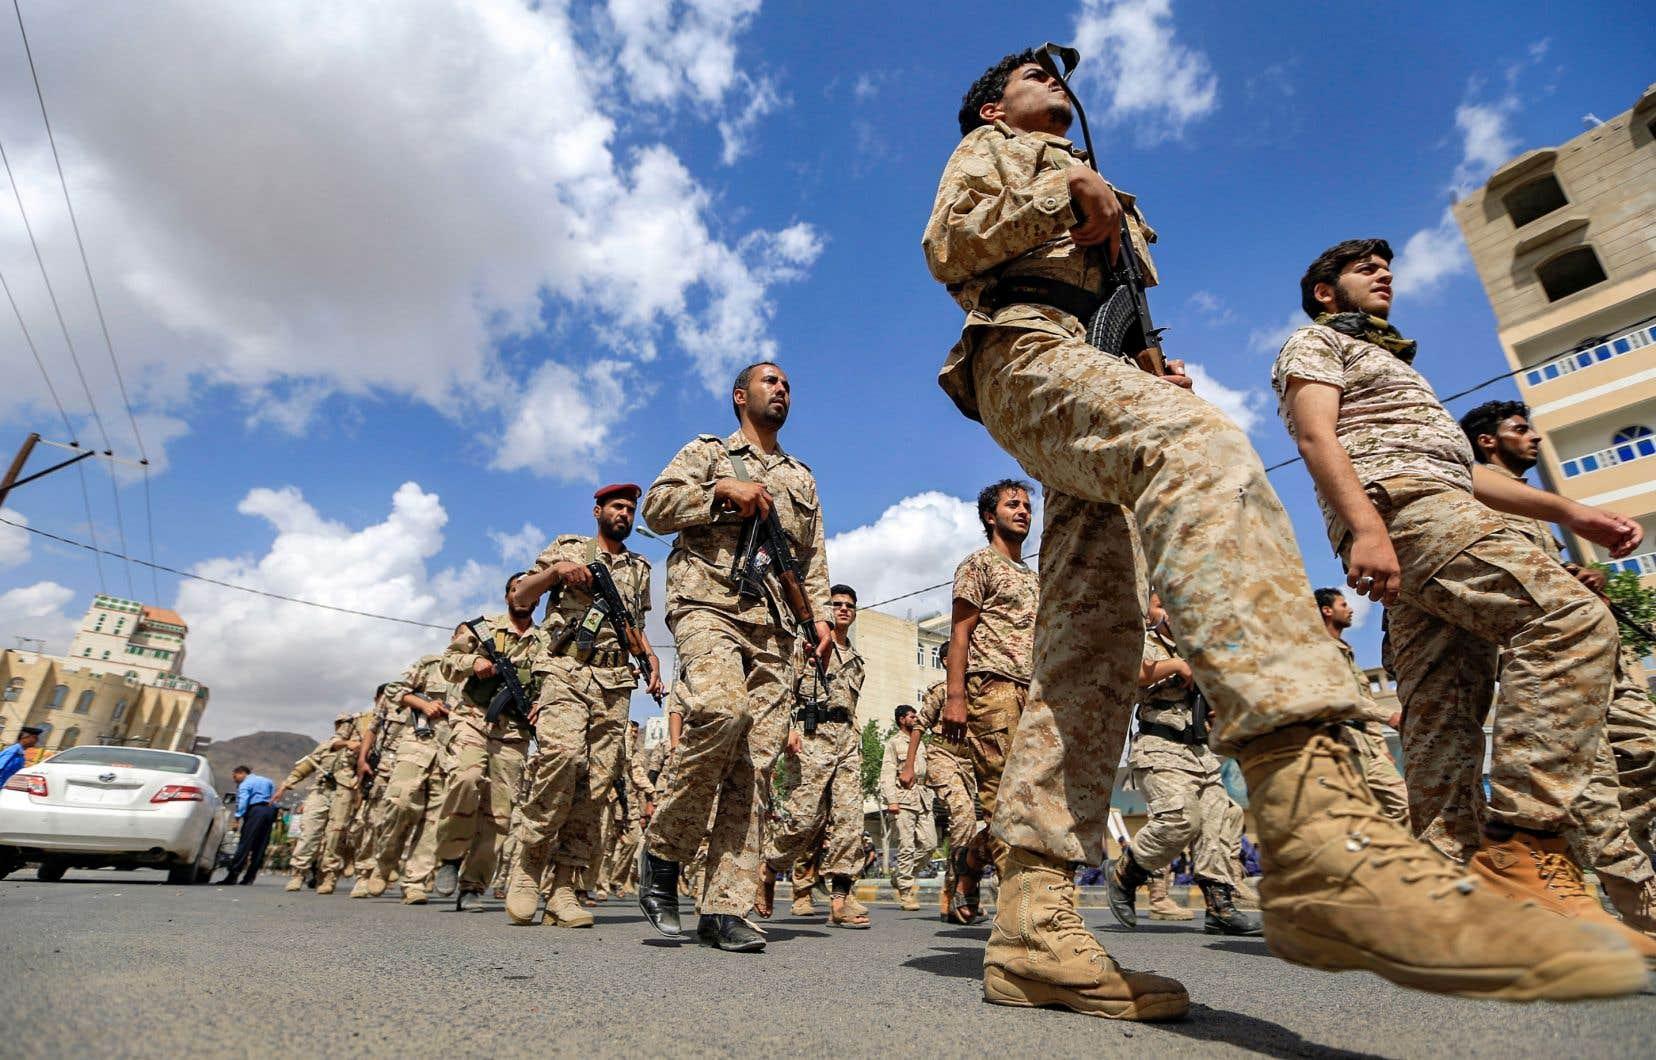 Des soldats yéménites, fidèles aux rebelles houthis, défilent dans la capitale.Selon l'auteur, le conflit au Yémen est devenu une guerre par procuration,avec l'objectif d'empêcher l'Iran de renforcer son influence dans la région.